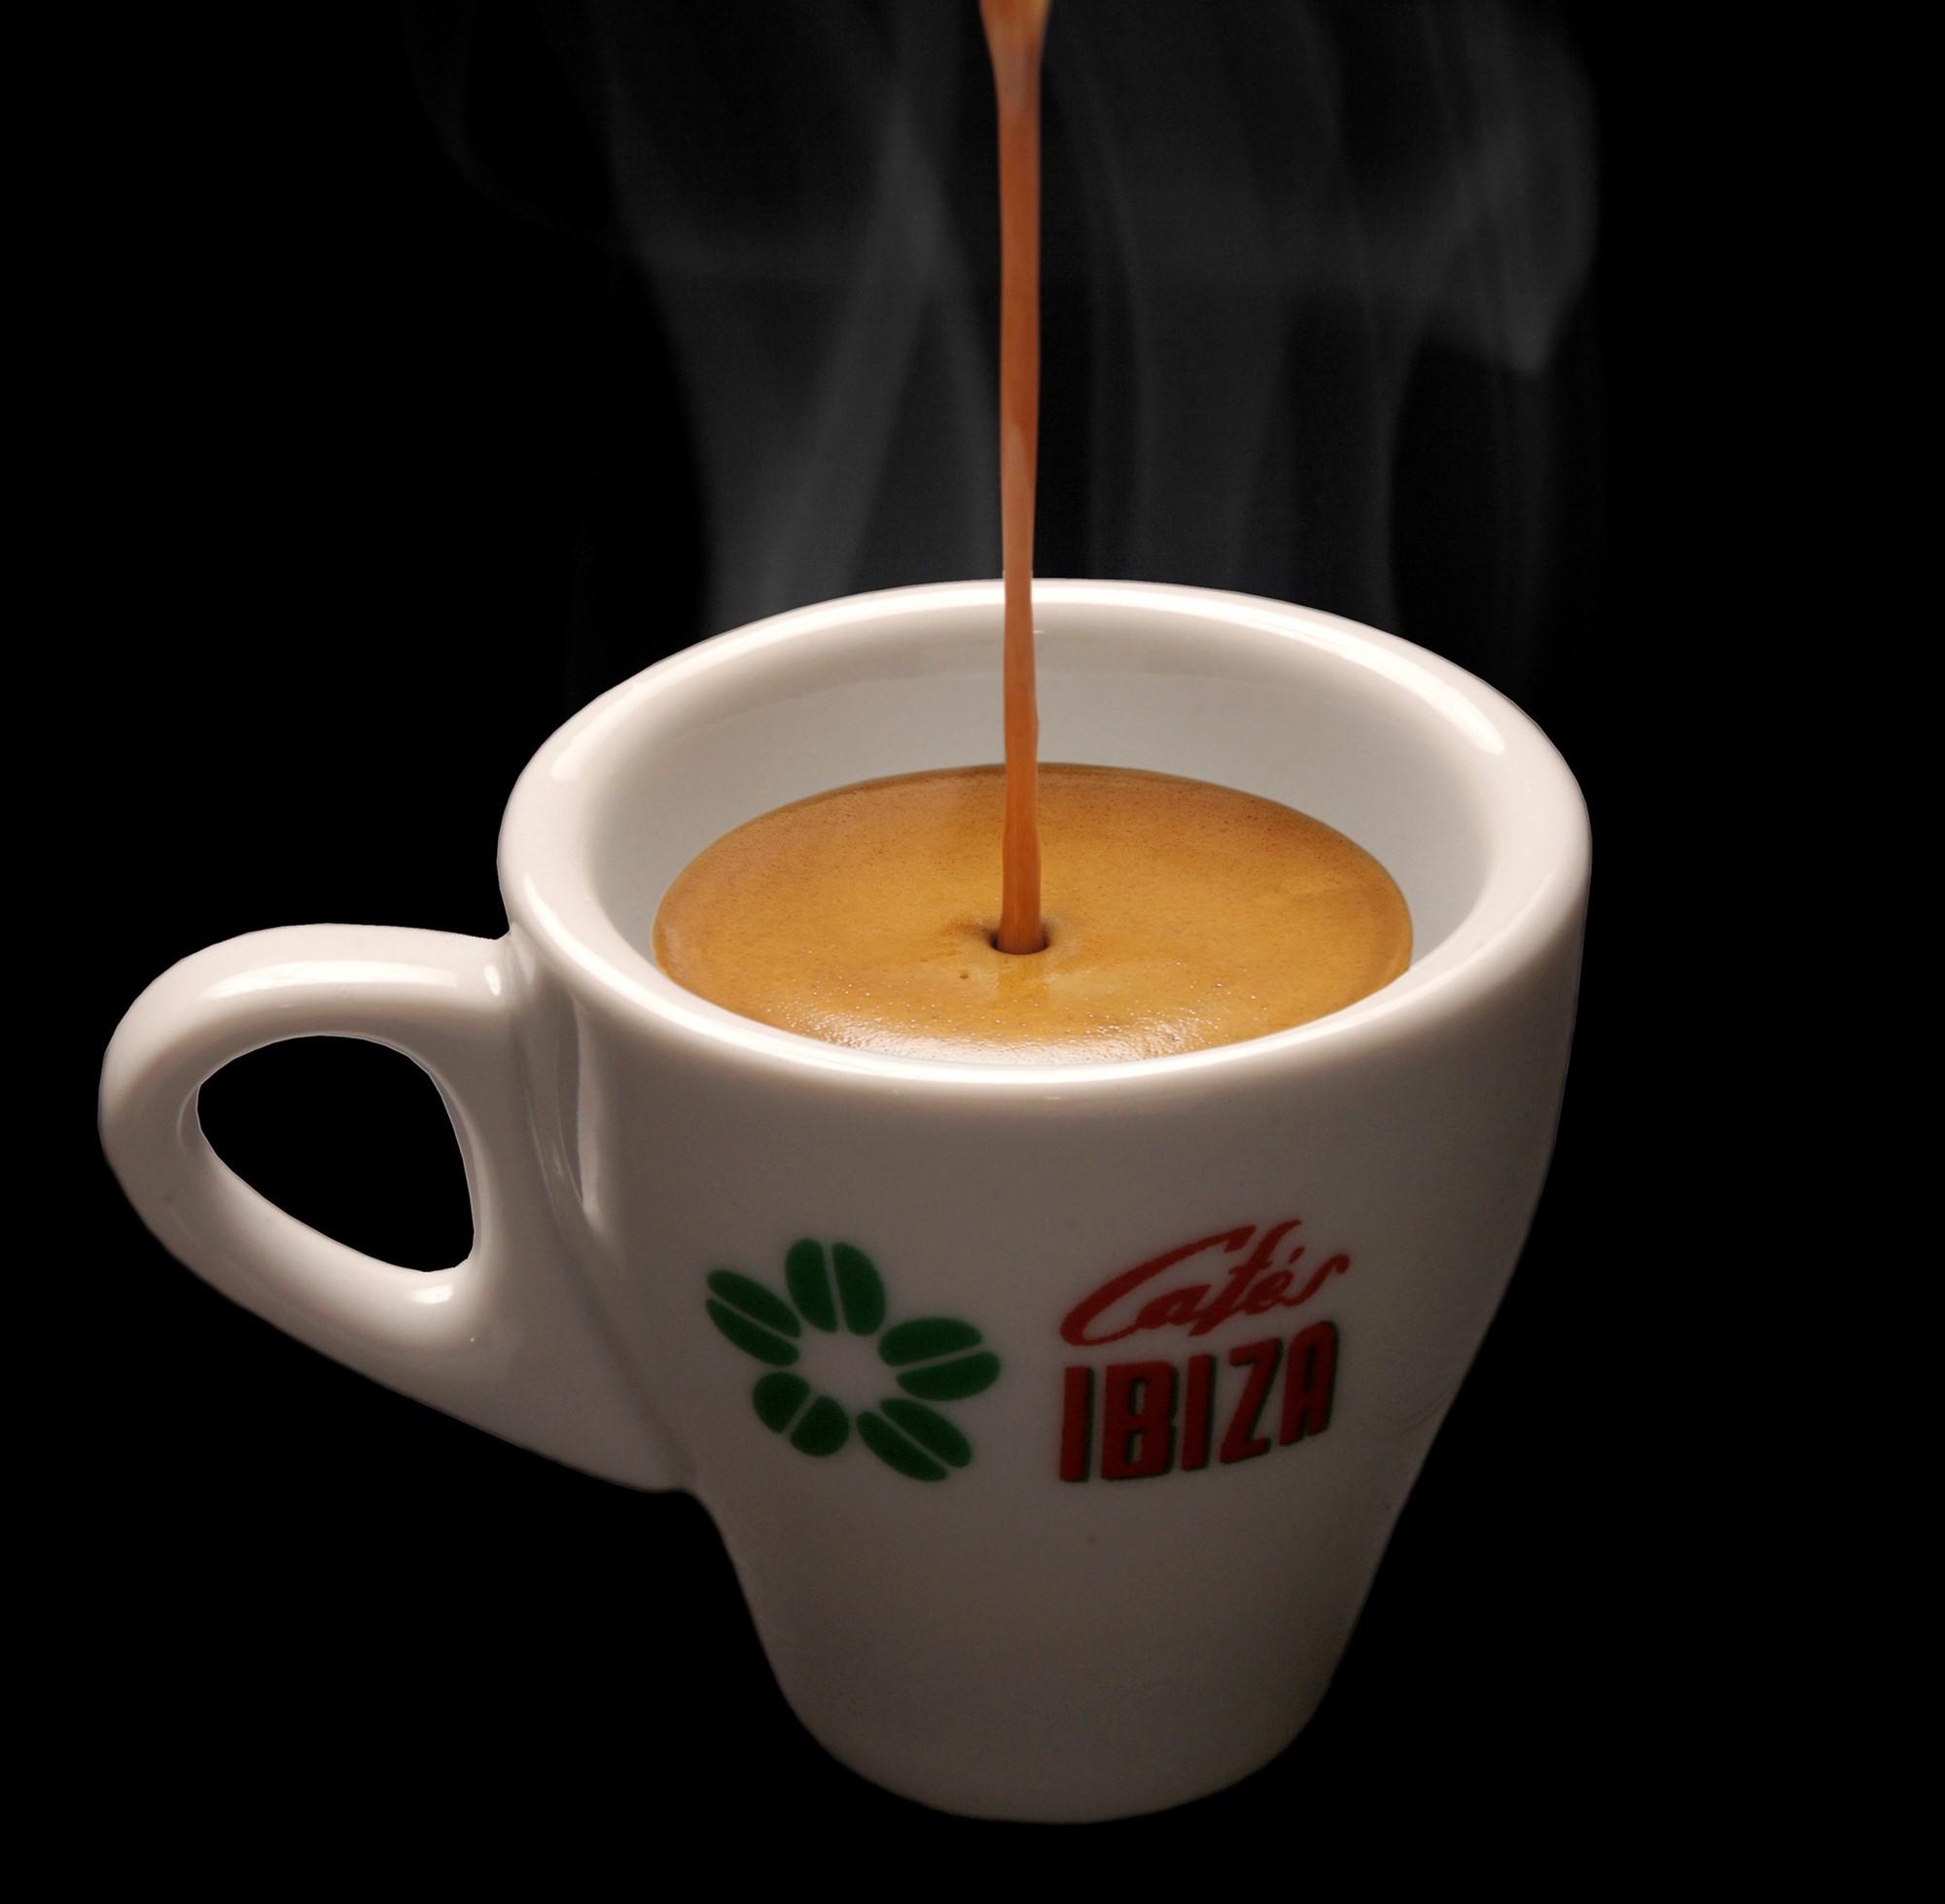 Serviervorschlag Tasse mit Kaffee